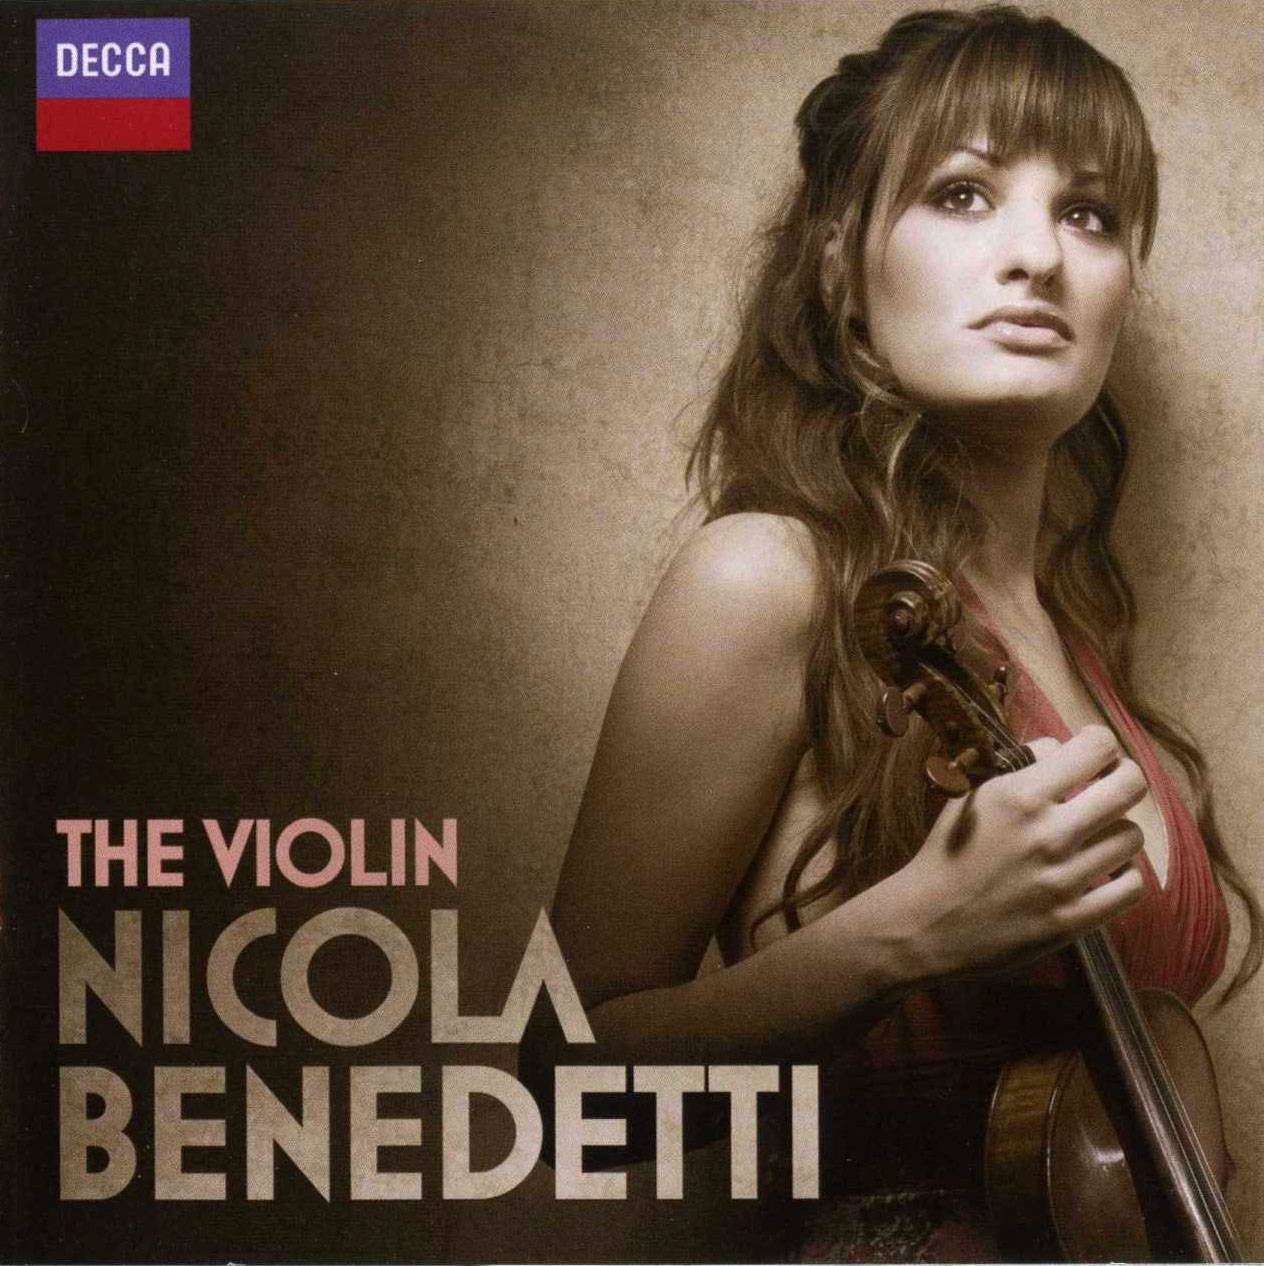 Nicola Benedetti - The Violin (2013) [Re-Up]